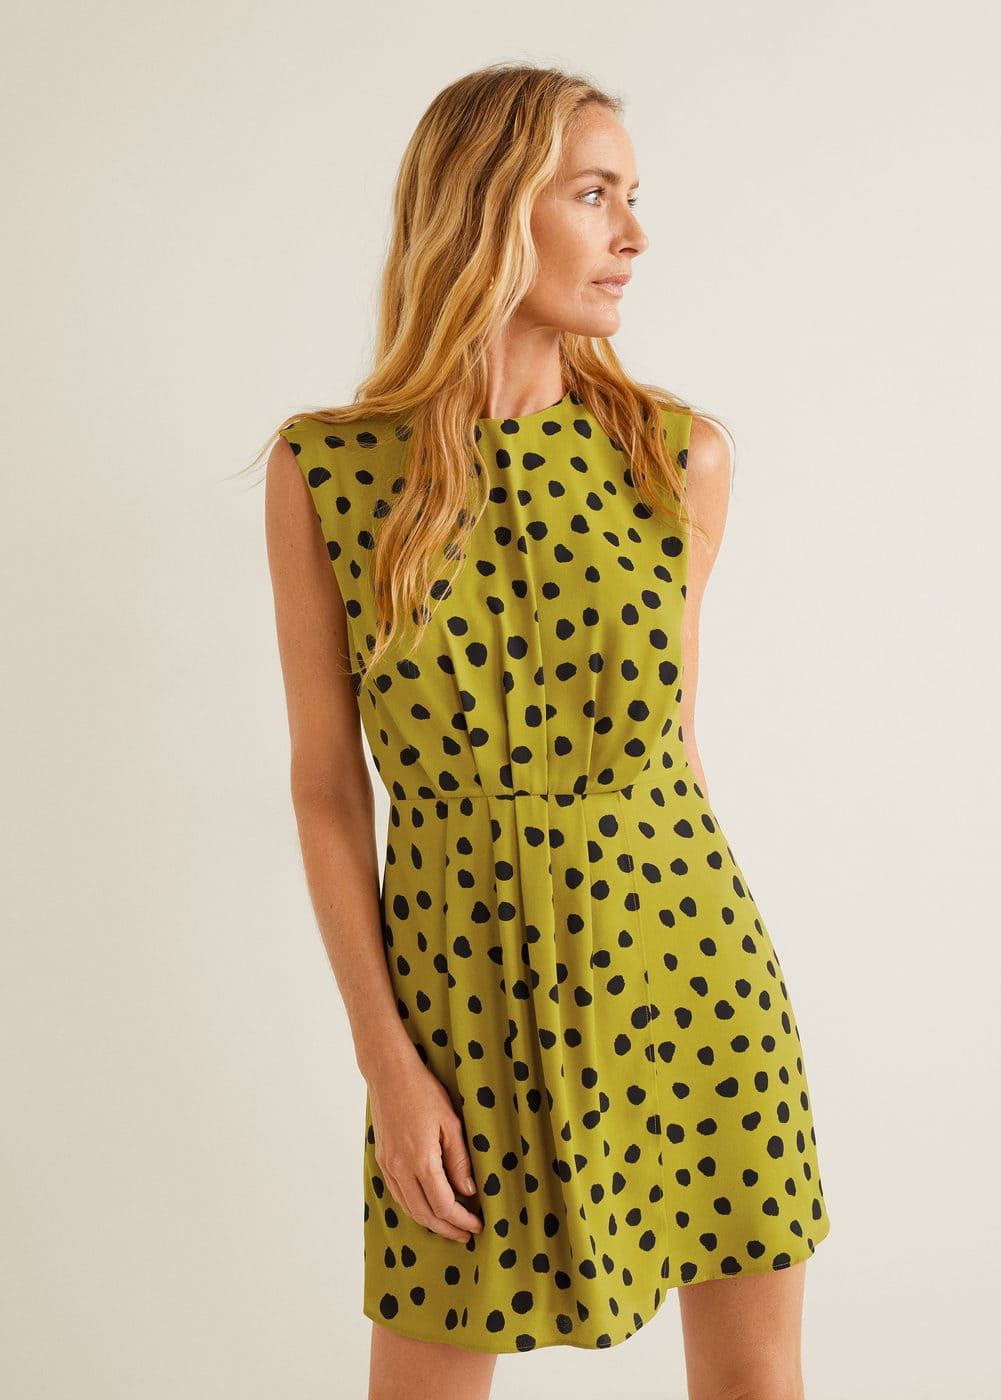 Šaty S Potiskem Puntíků by Mango